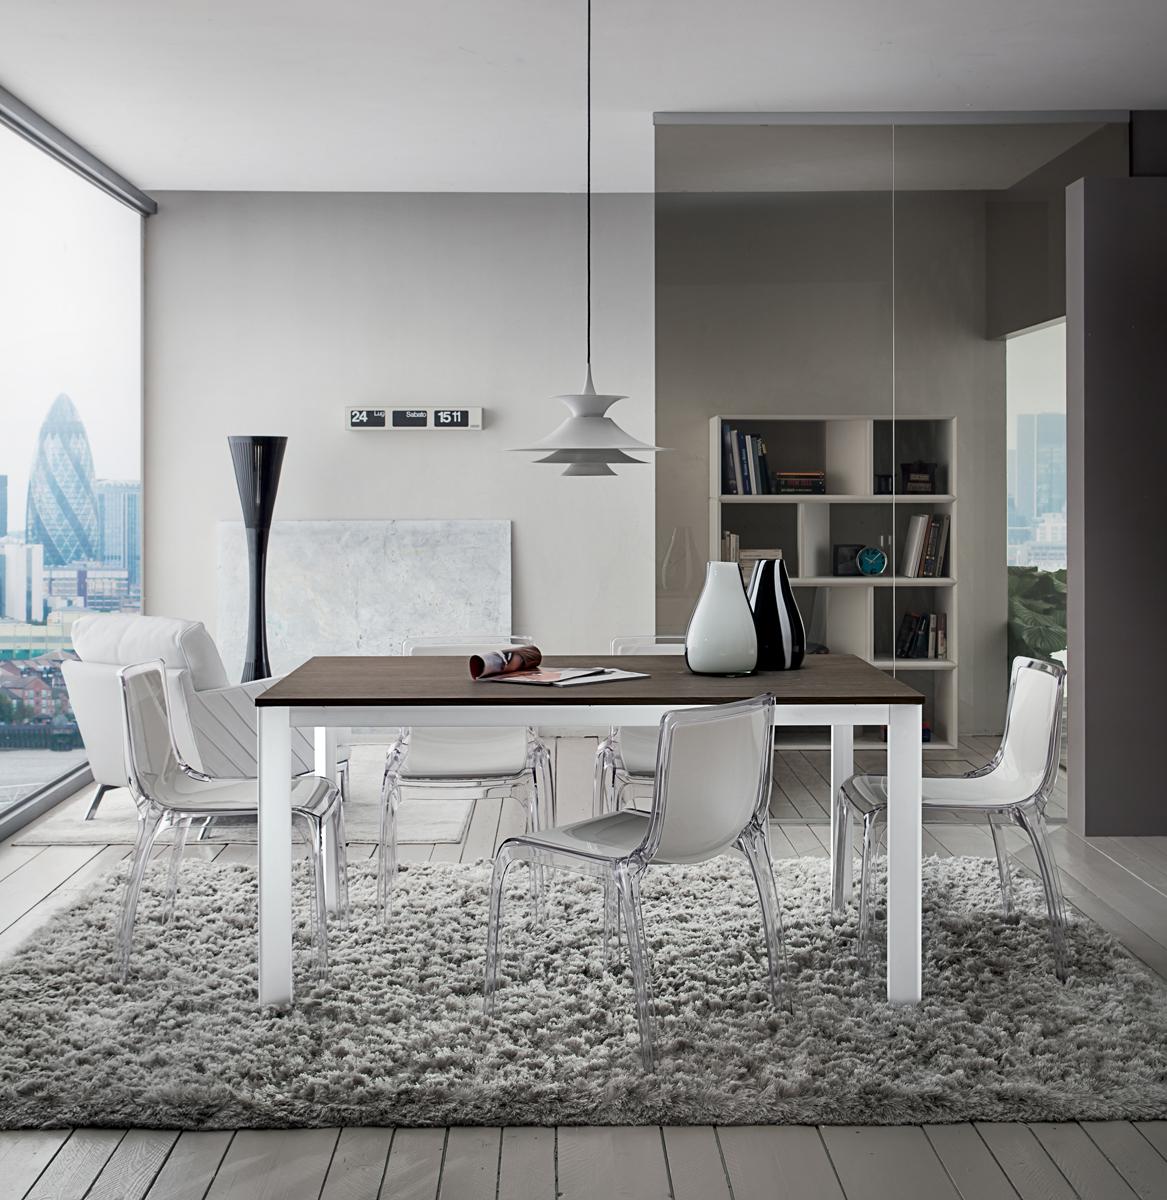 Mario tavolo per cucina o soggiorno moderno interno77 - Tavolo cucina moderno ...